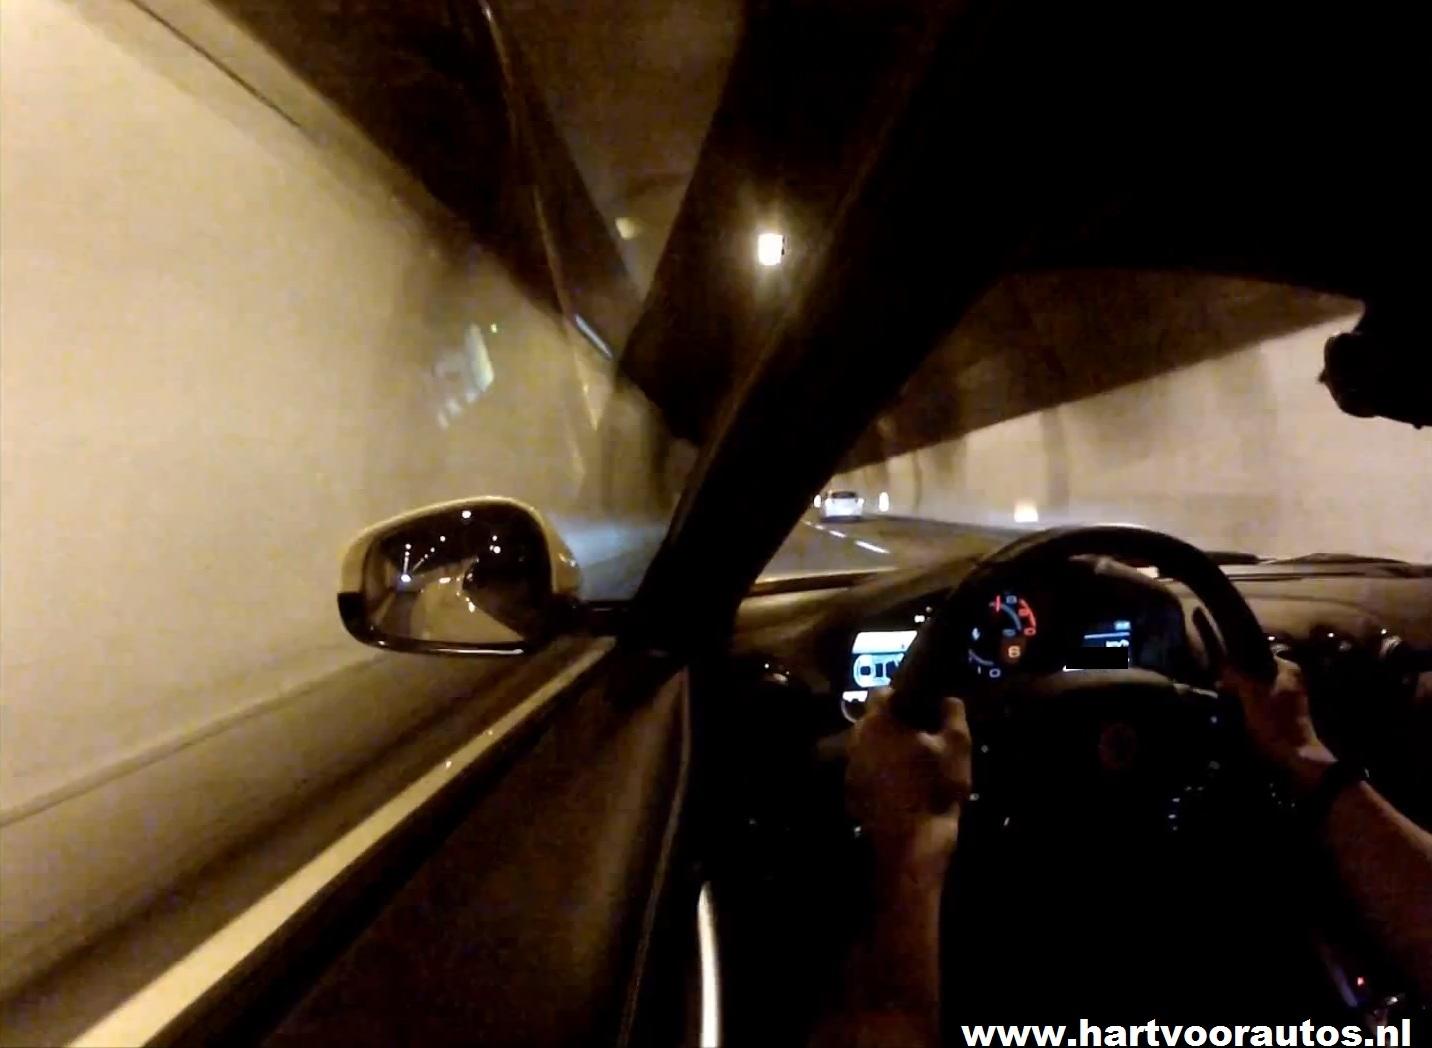 Ferrari F12 Berlinetta in Monaco - www.hartvoorautos.nl